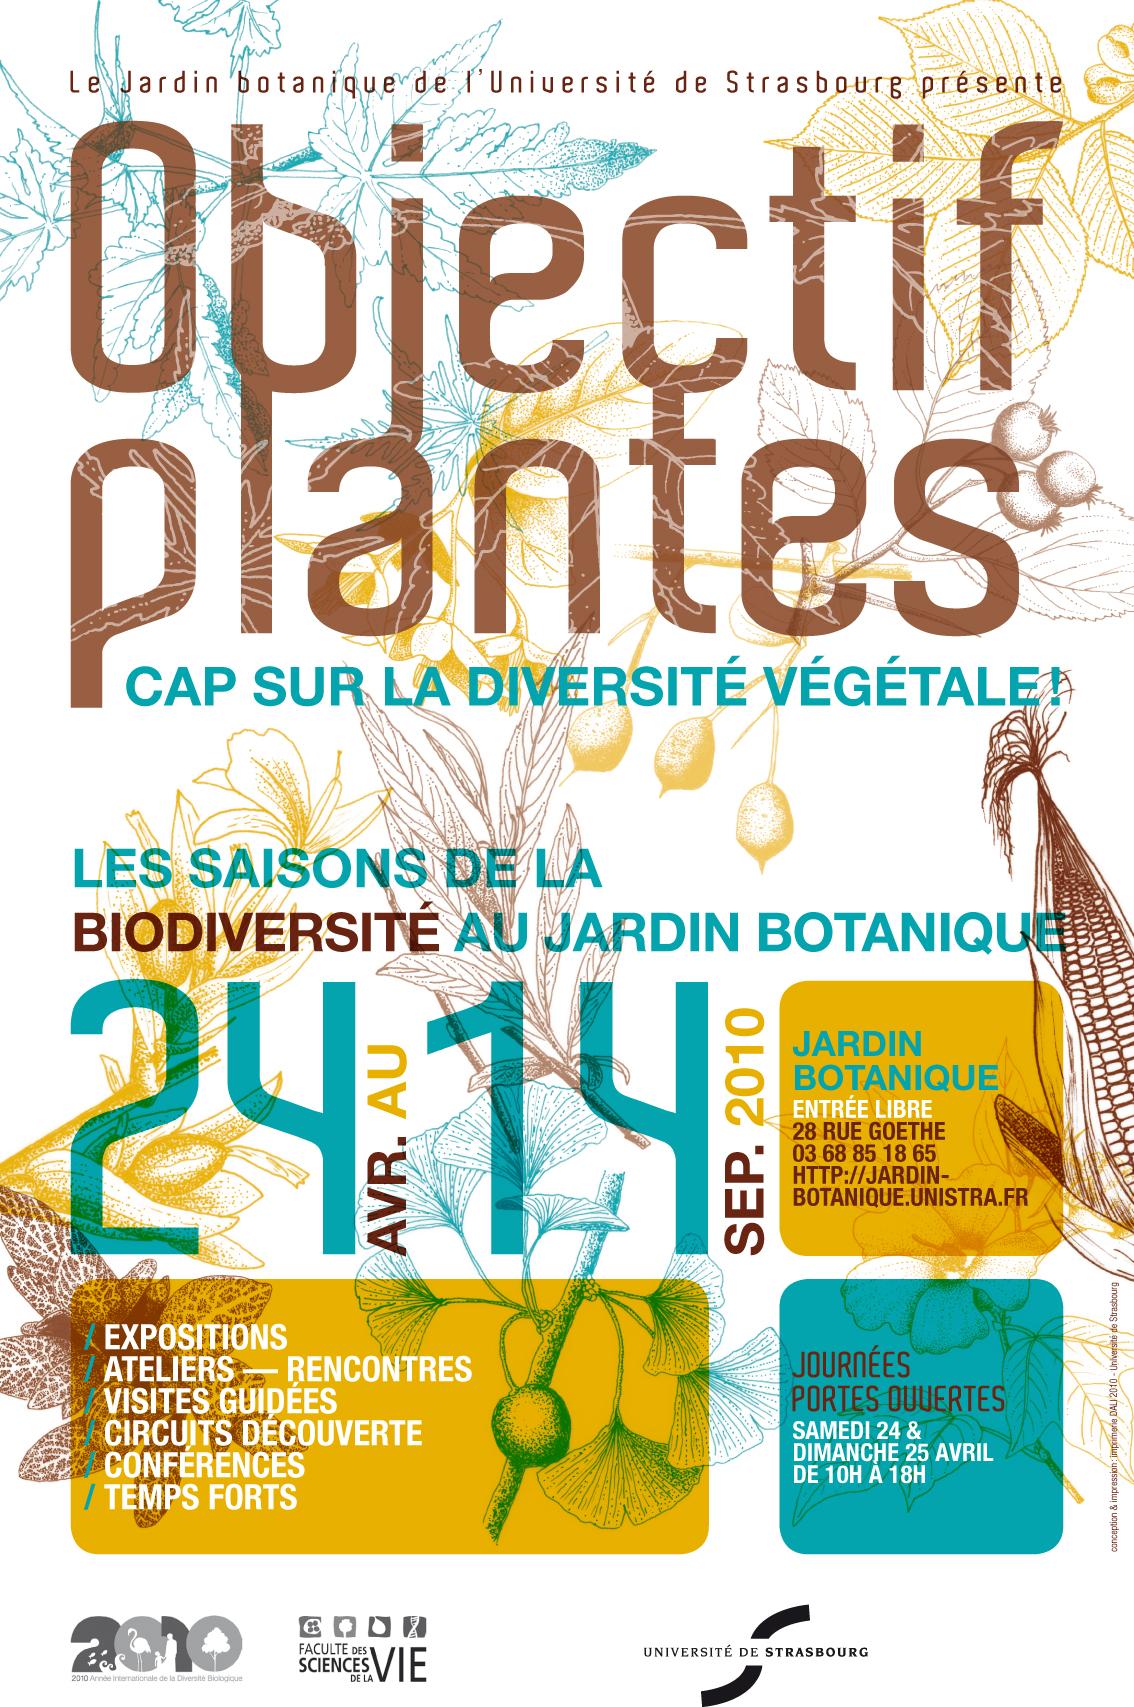 L 39 actu num ro 23 edition du 26 03 2010 culture art - Jardin botanique de l universite de strasbourg ...